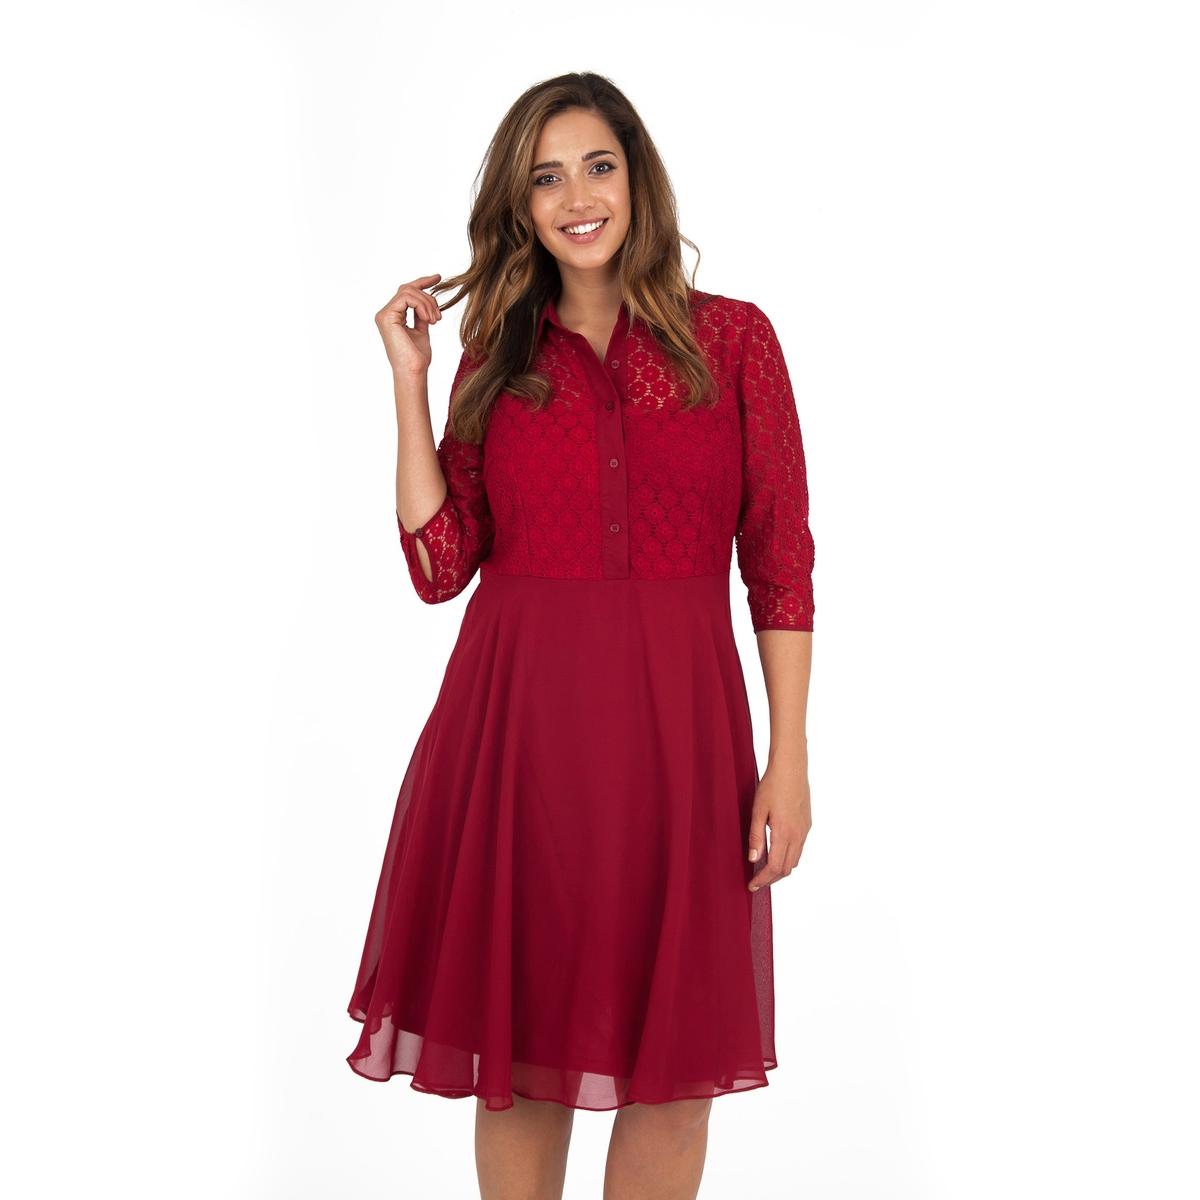 ПлатьеПлатье с рукавами 3/4 - KOKO BY KOKO. Элегантное платье притягательного красного цвета с рукавами 3/4 и рубашечным воротником из прозрачного кружева. Длина ок.104 см. 100% полиэстера.<br><br>Цвет: бордовый